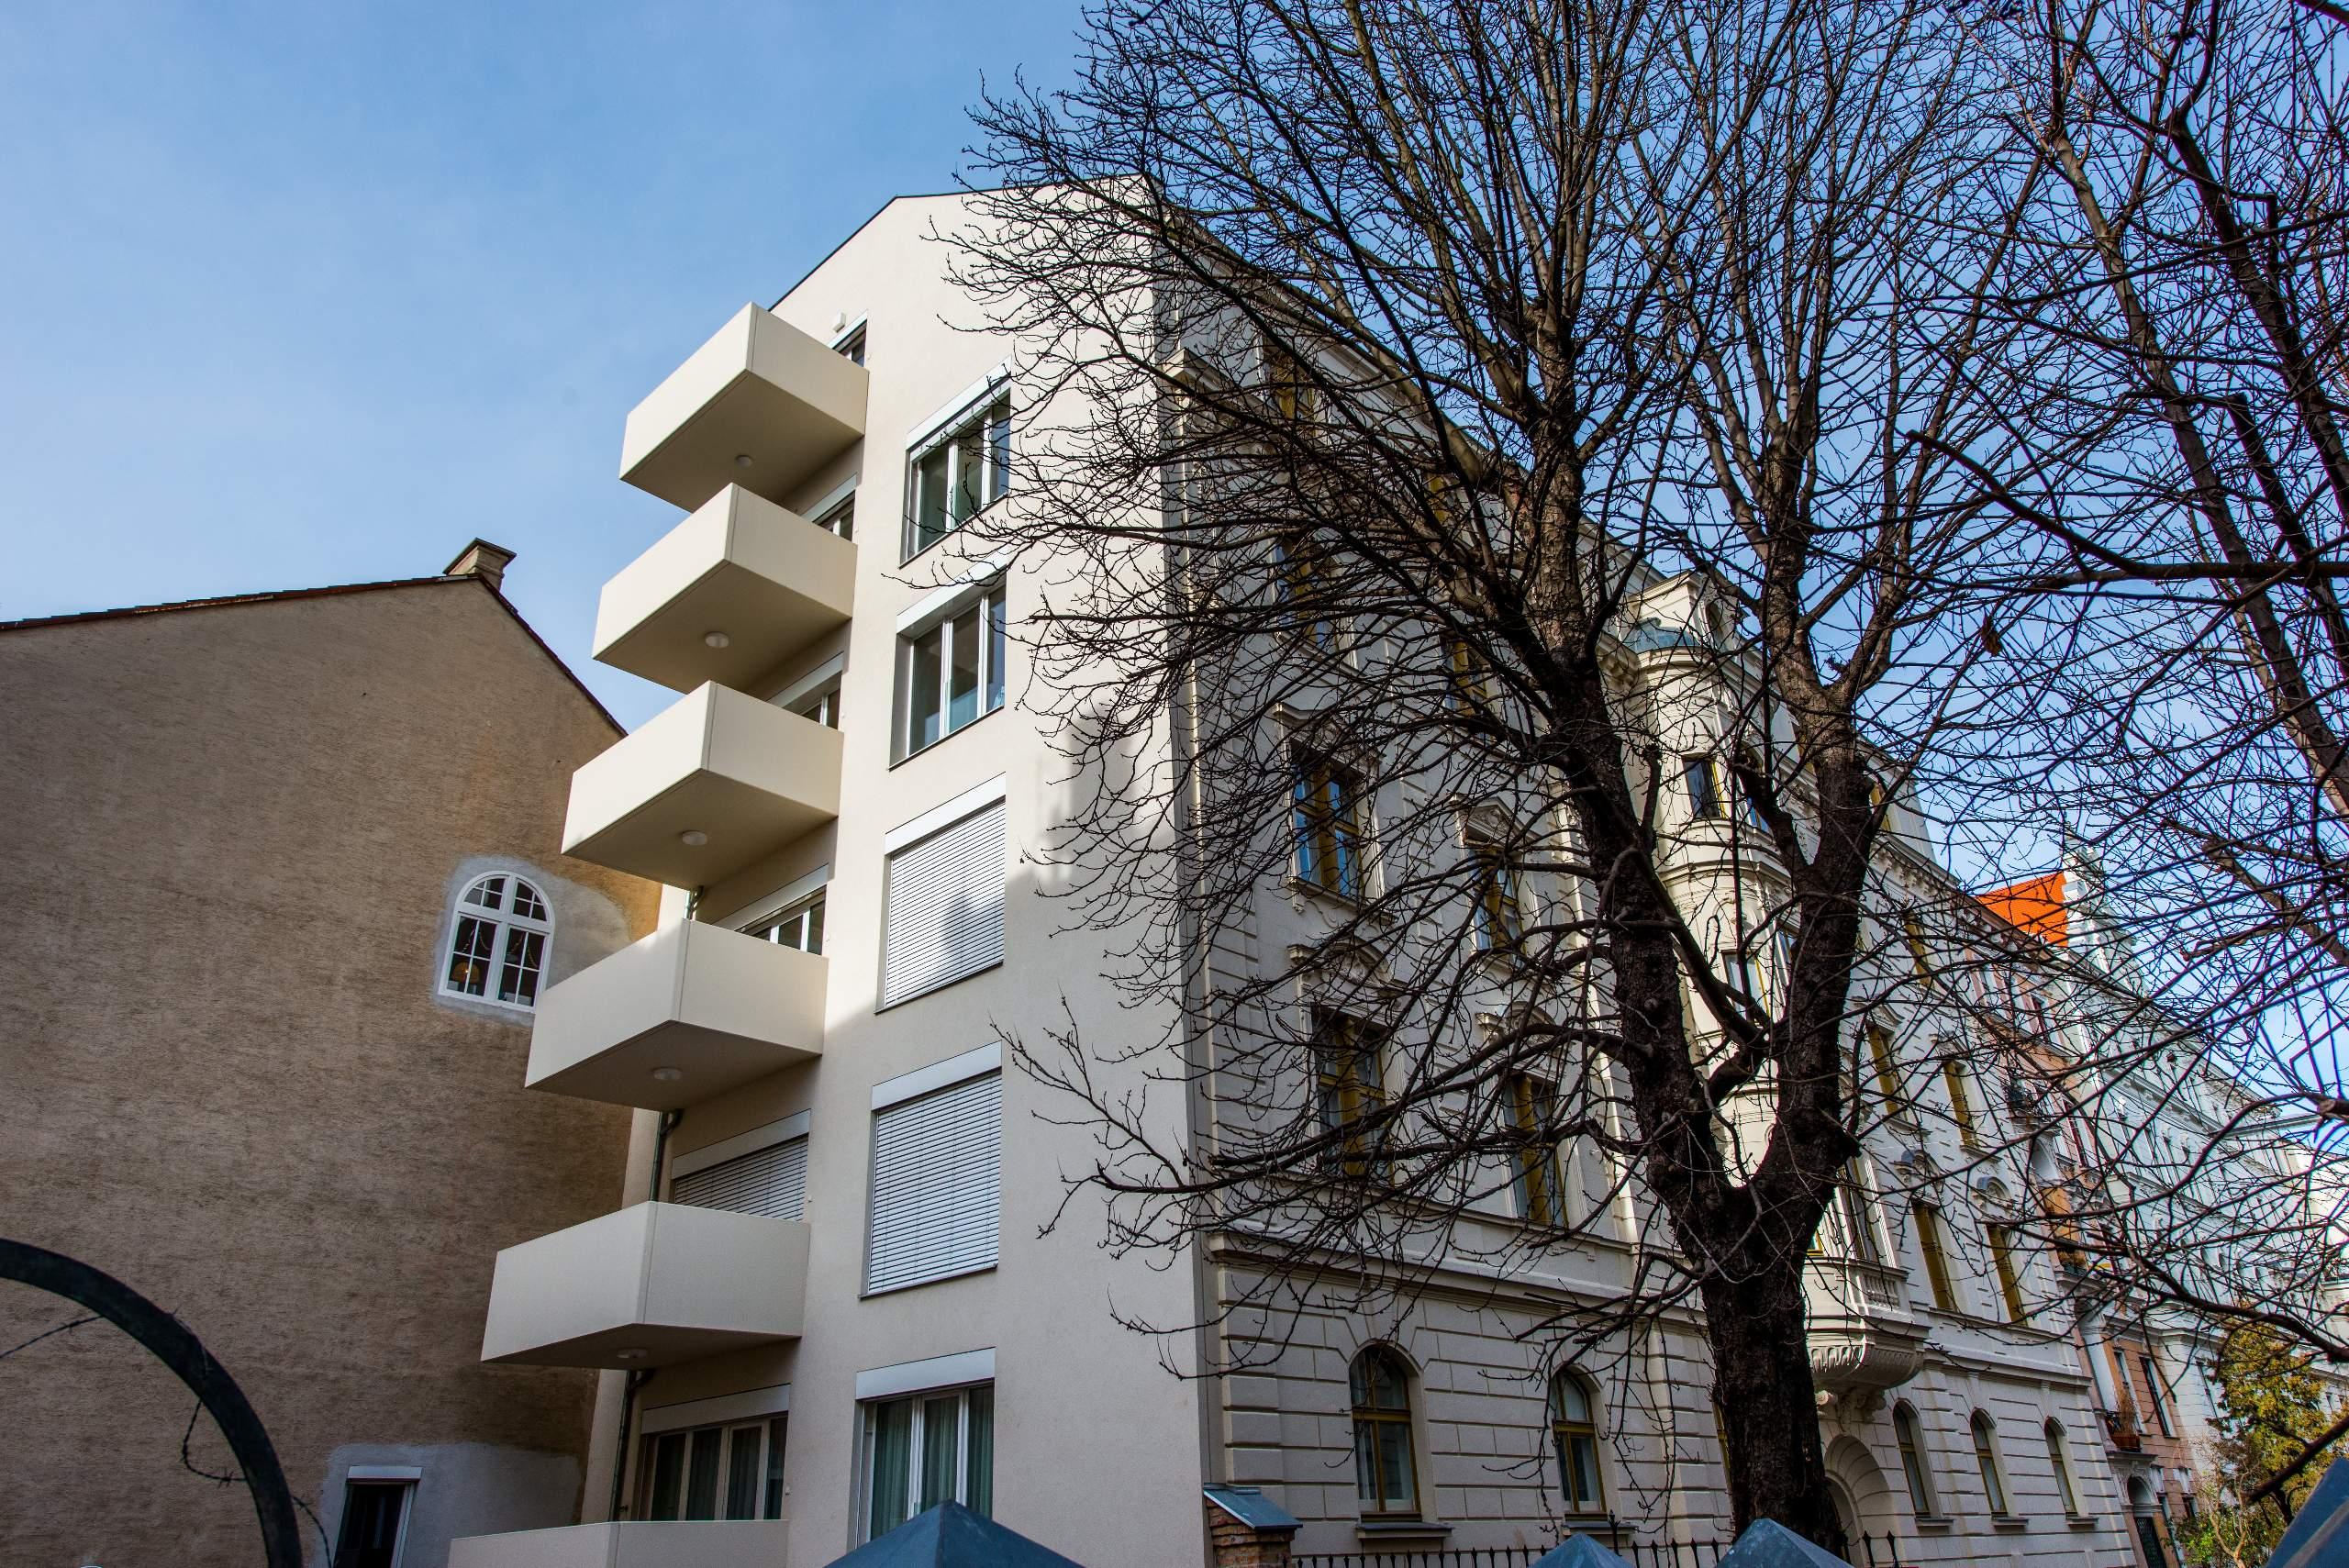 LIEGLER TAKEH ARCHITEKTEN Projekt Zeinlhofergasse Fassade und Balkone